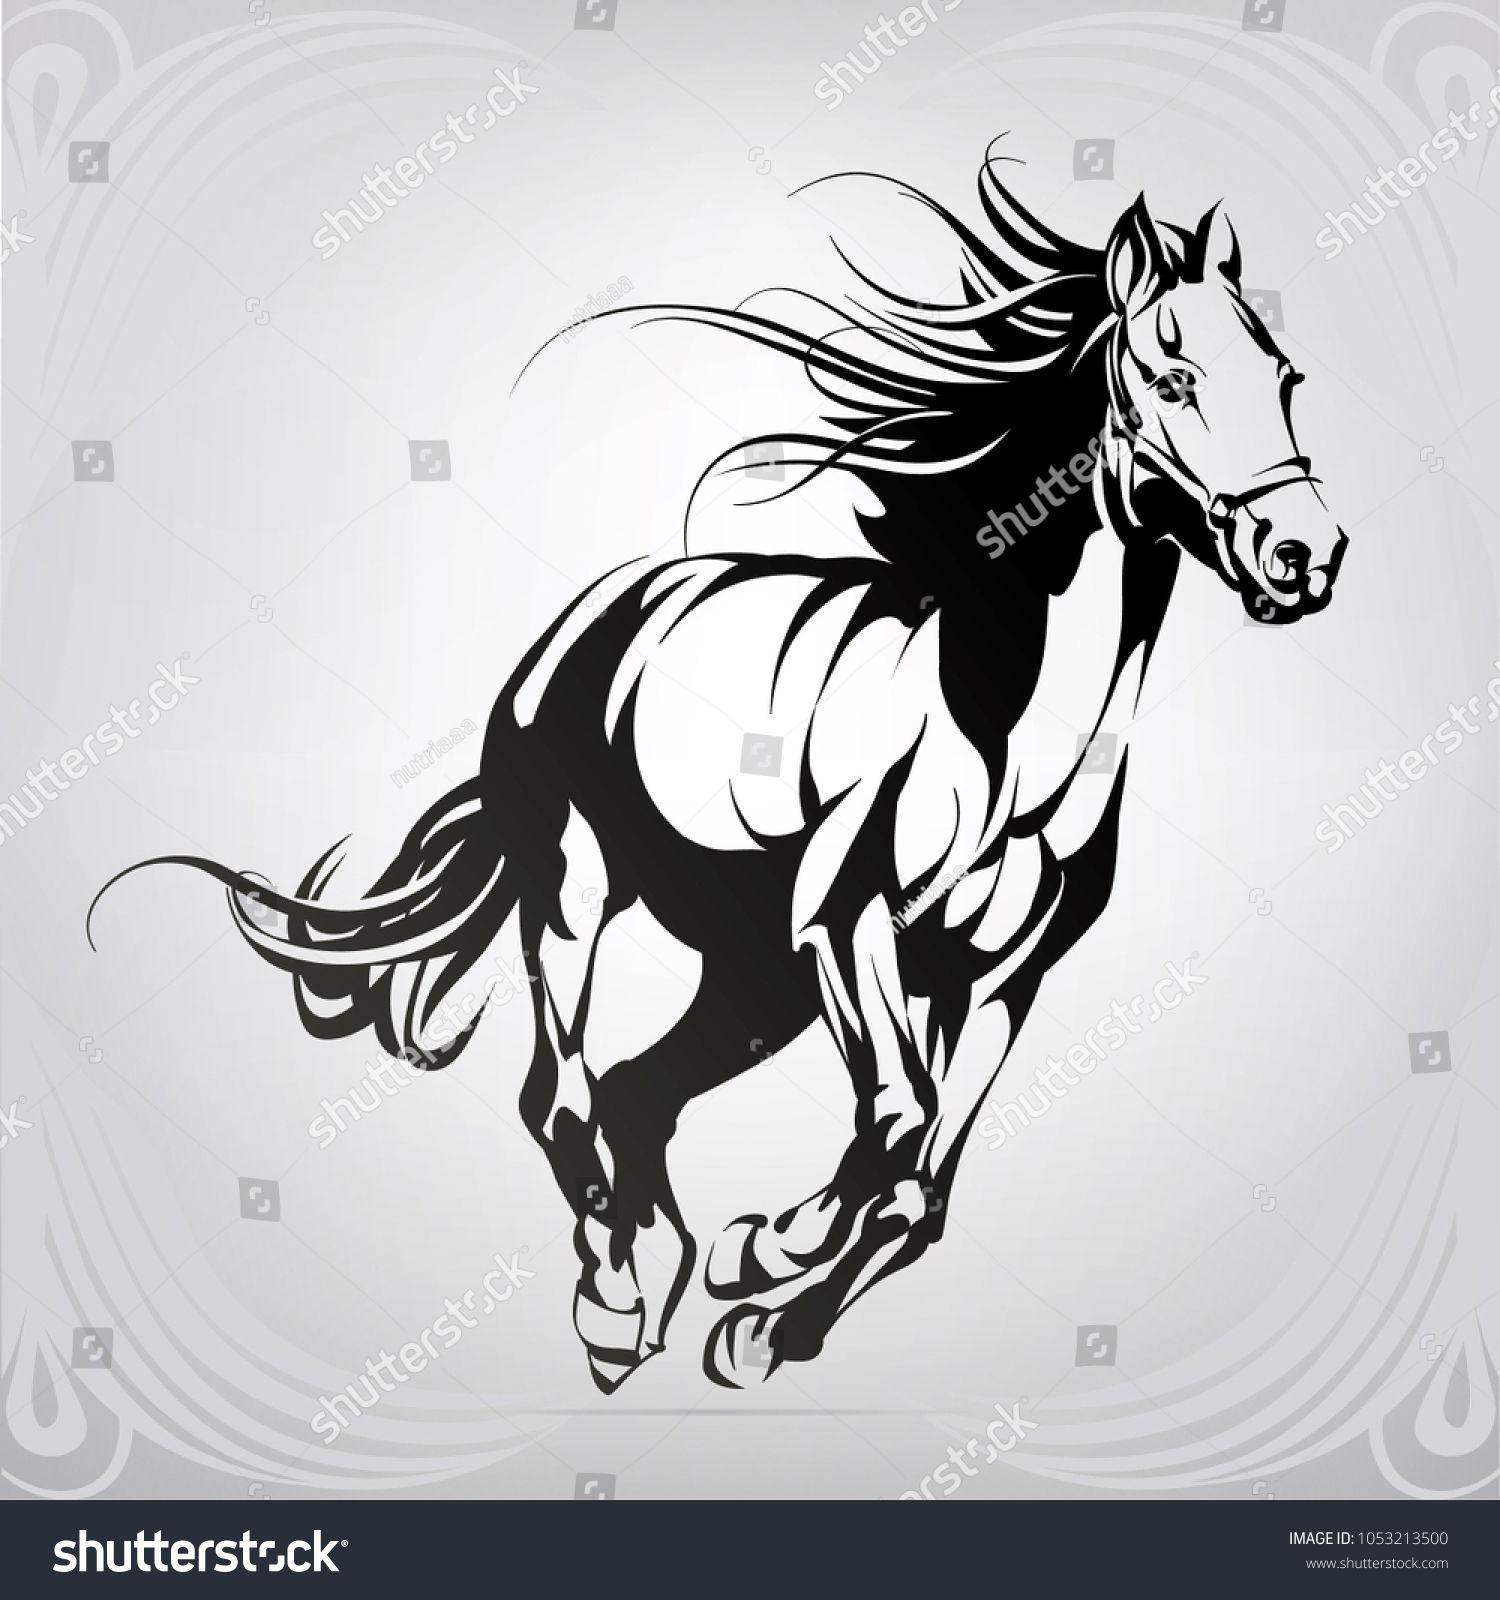 Silhouette of the running horse dibujio nel 2019 for Disegni di cavalli a matita